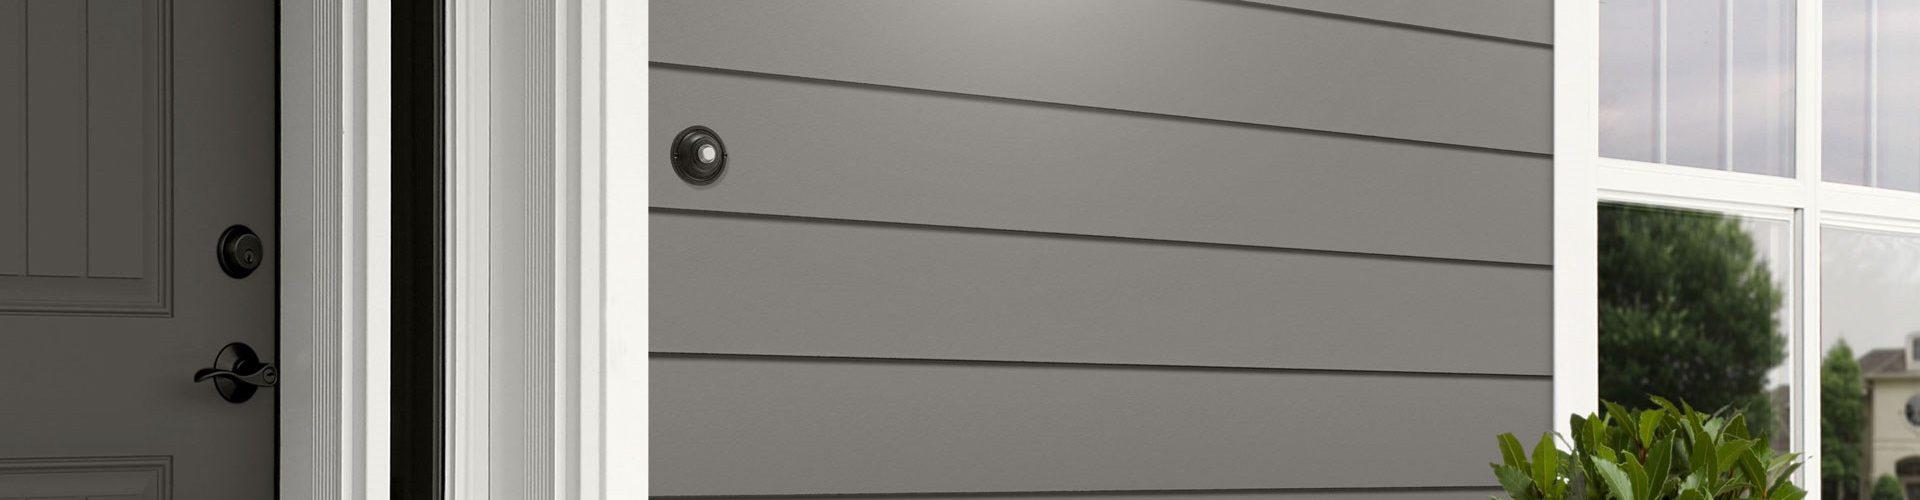 Cedral Classic C56 Külm mineraal - ülekattega sile voodrilaud